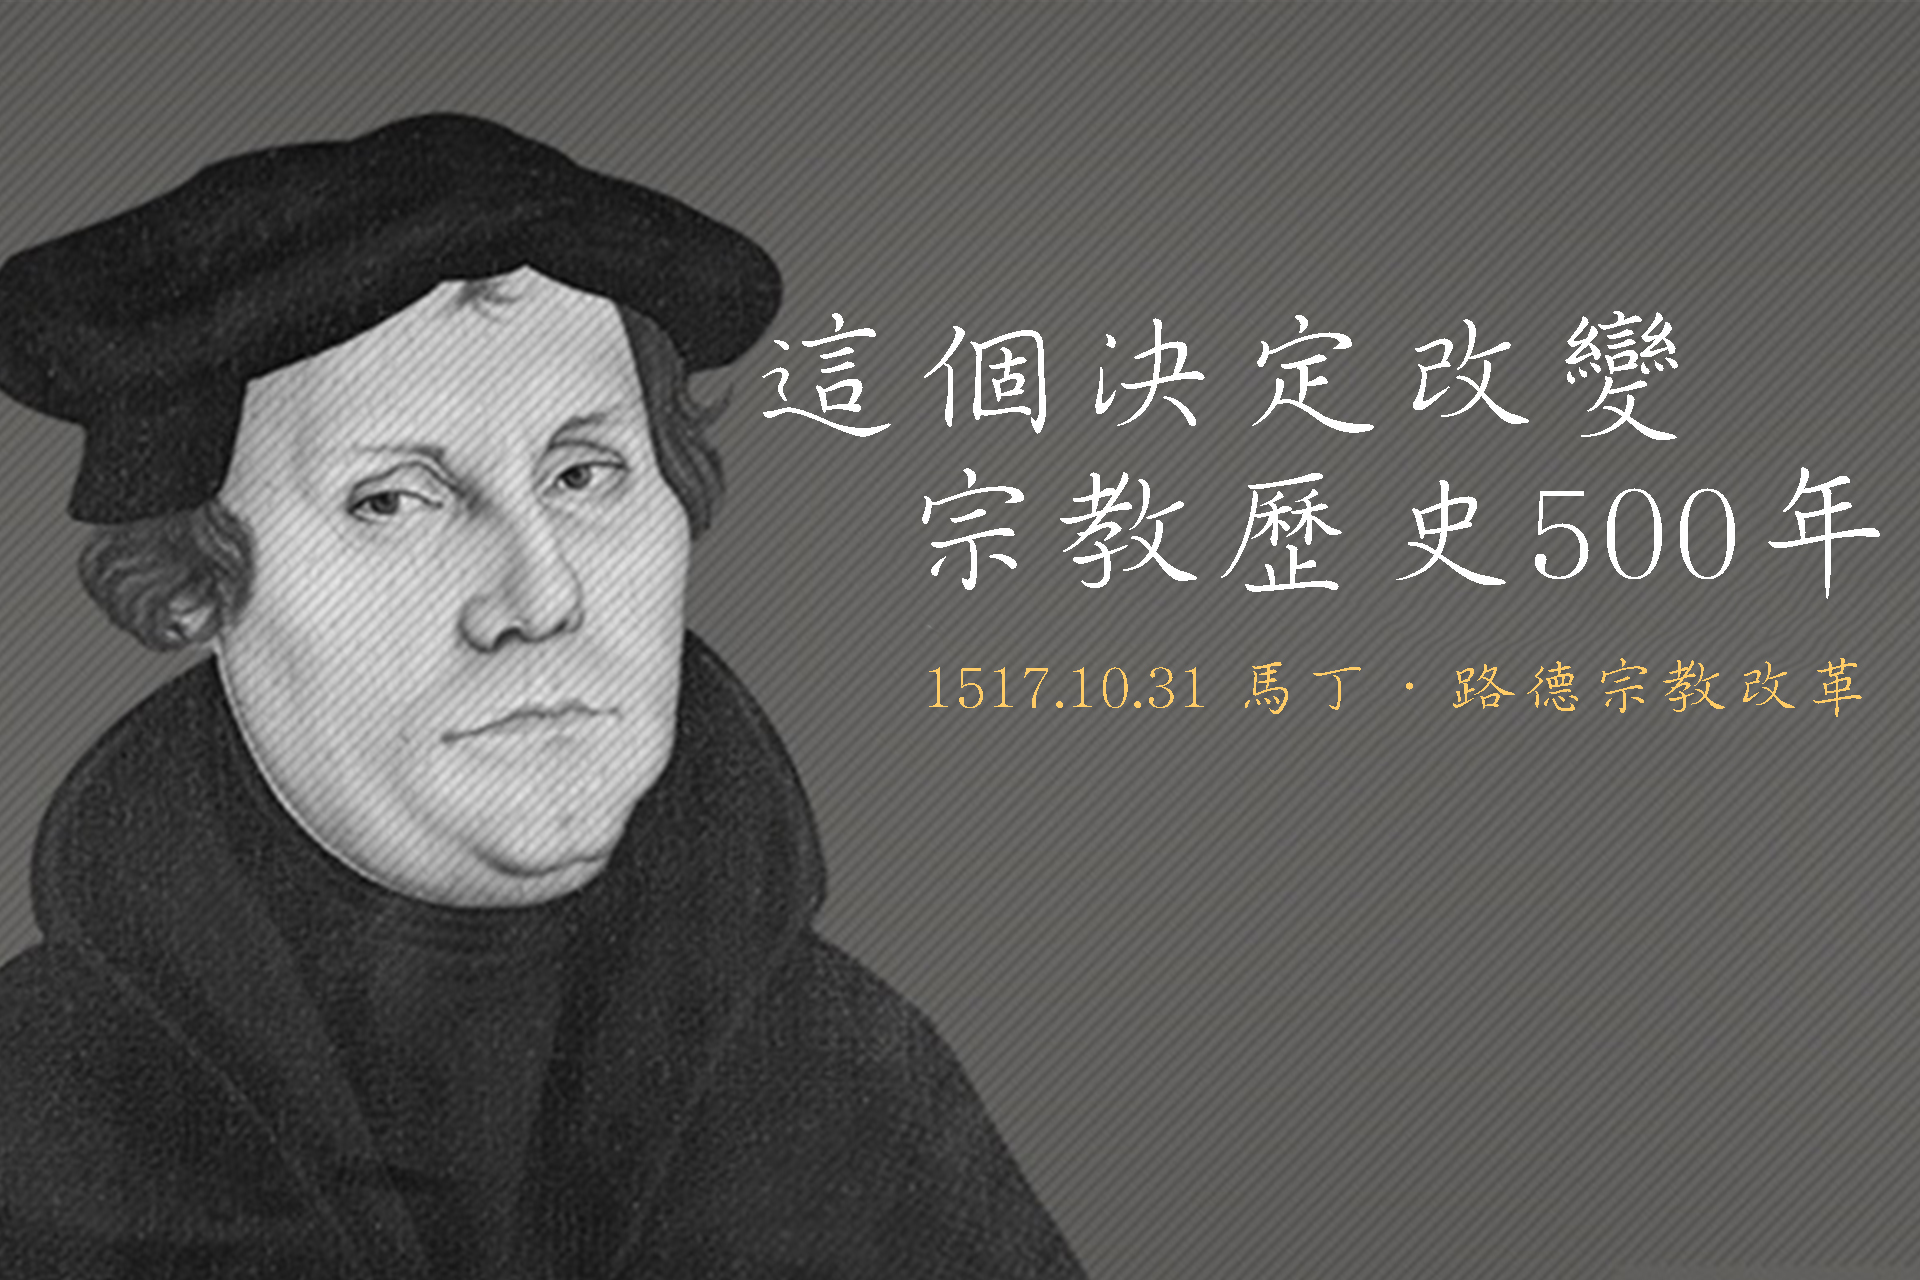 他的這個決定改變了宗教歷史500年:馬丁路德宗教改革紀念日